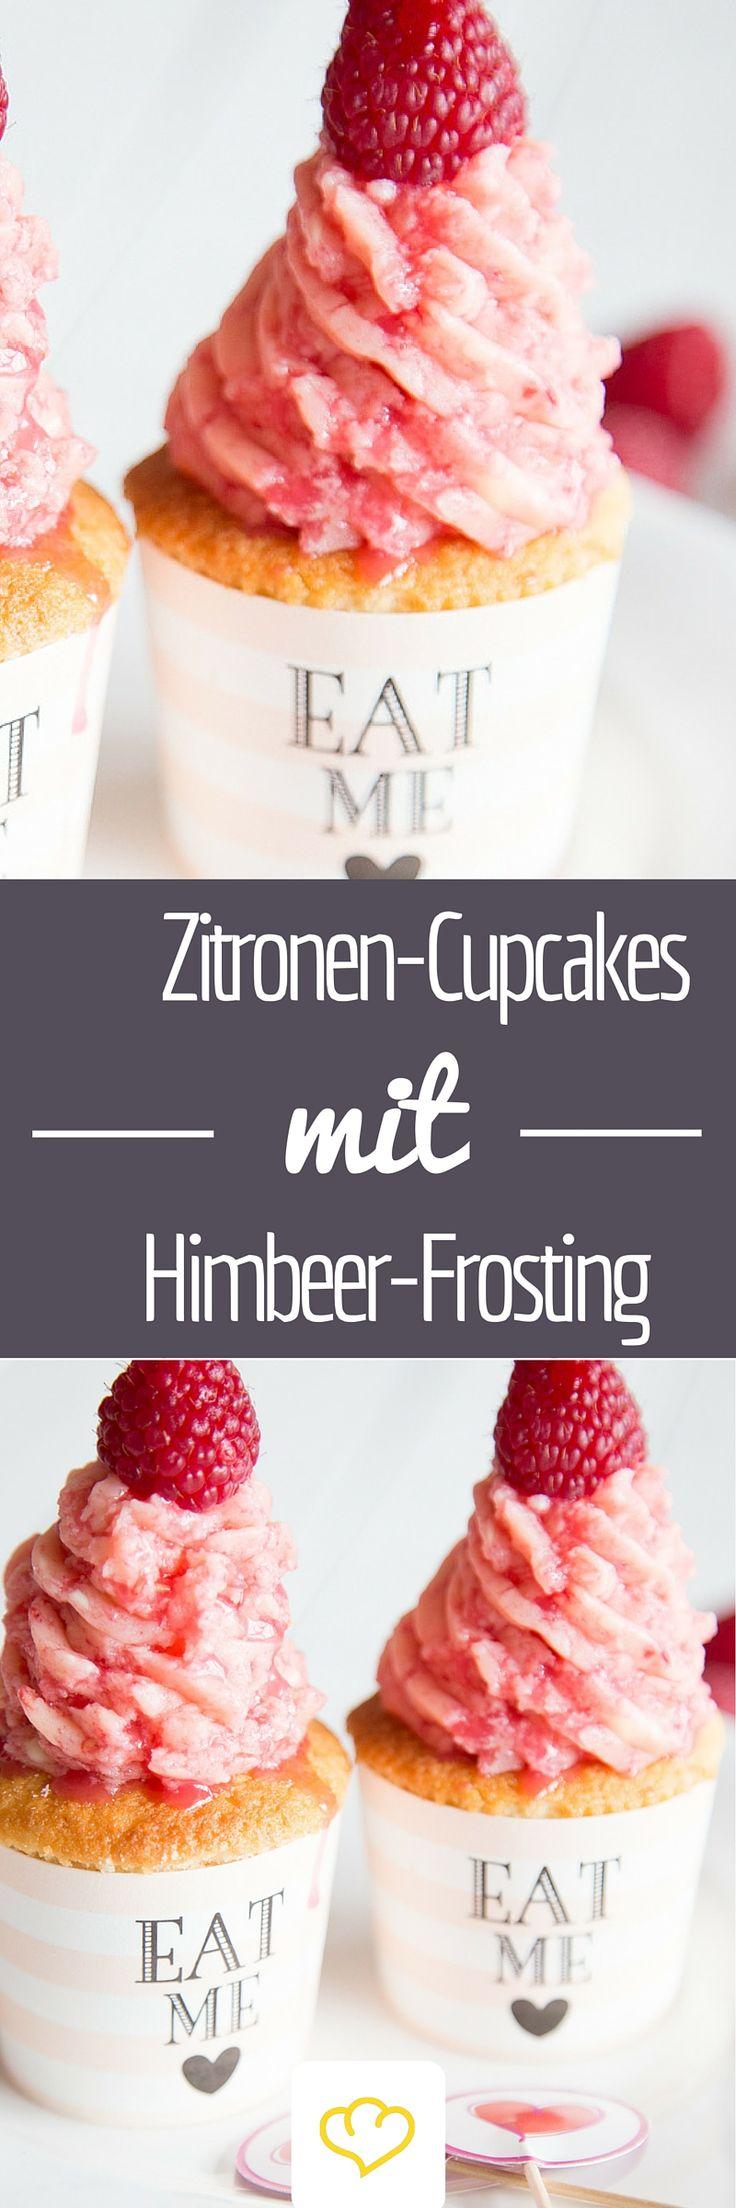 Zitronen-Cupcakes mit Himbeerfrosting - ein Traum in Rosa und eine schöne Überraschung zum Valentinstag!